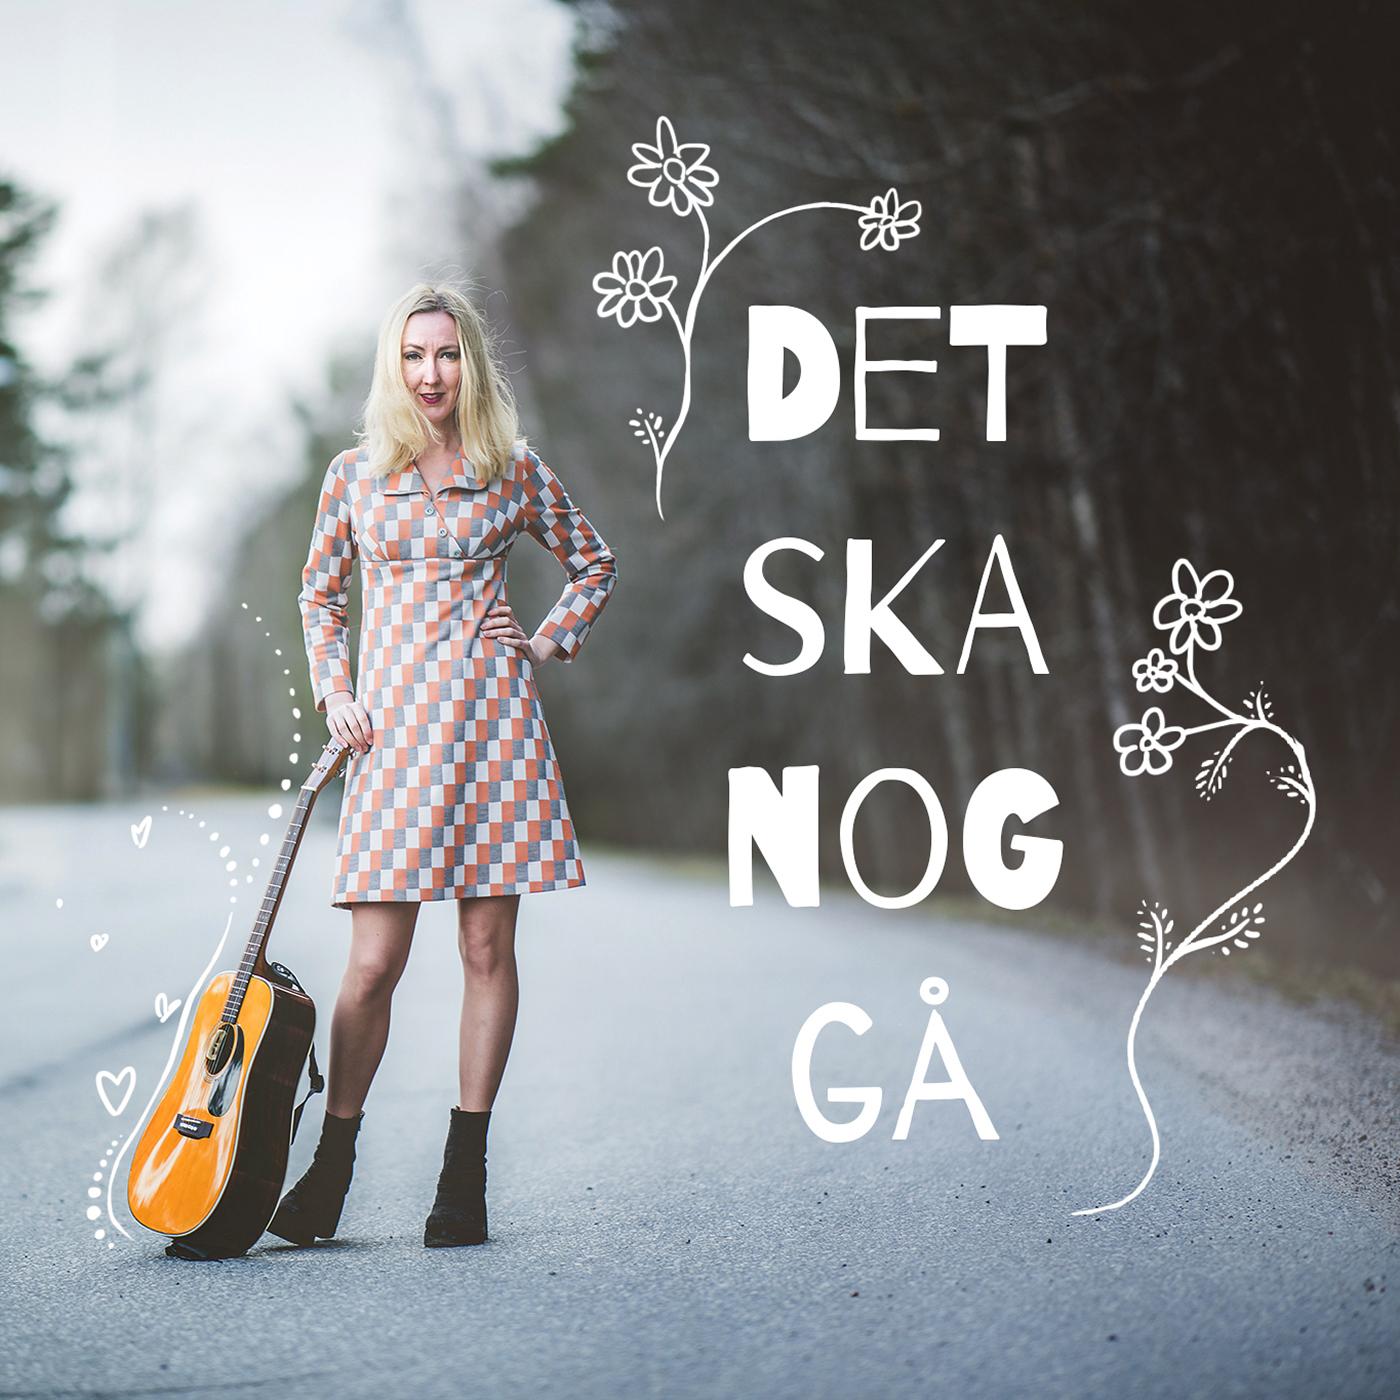 Det ska nog gå Kajsa Larsson. Kajsa står mitt på en gata och håller en gitarr som står på marken. Texten Det ska nog gå, står skriven på bilden och har ritade blommor runtomkring.